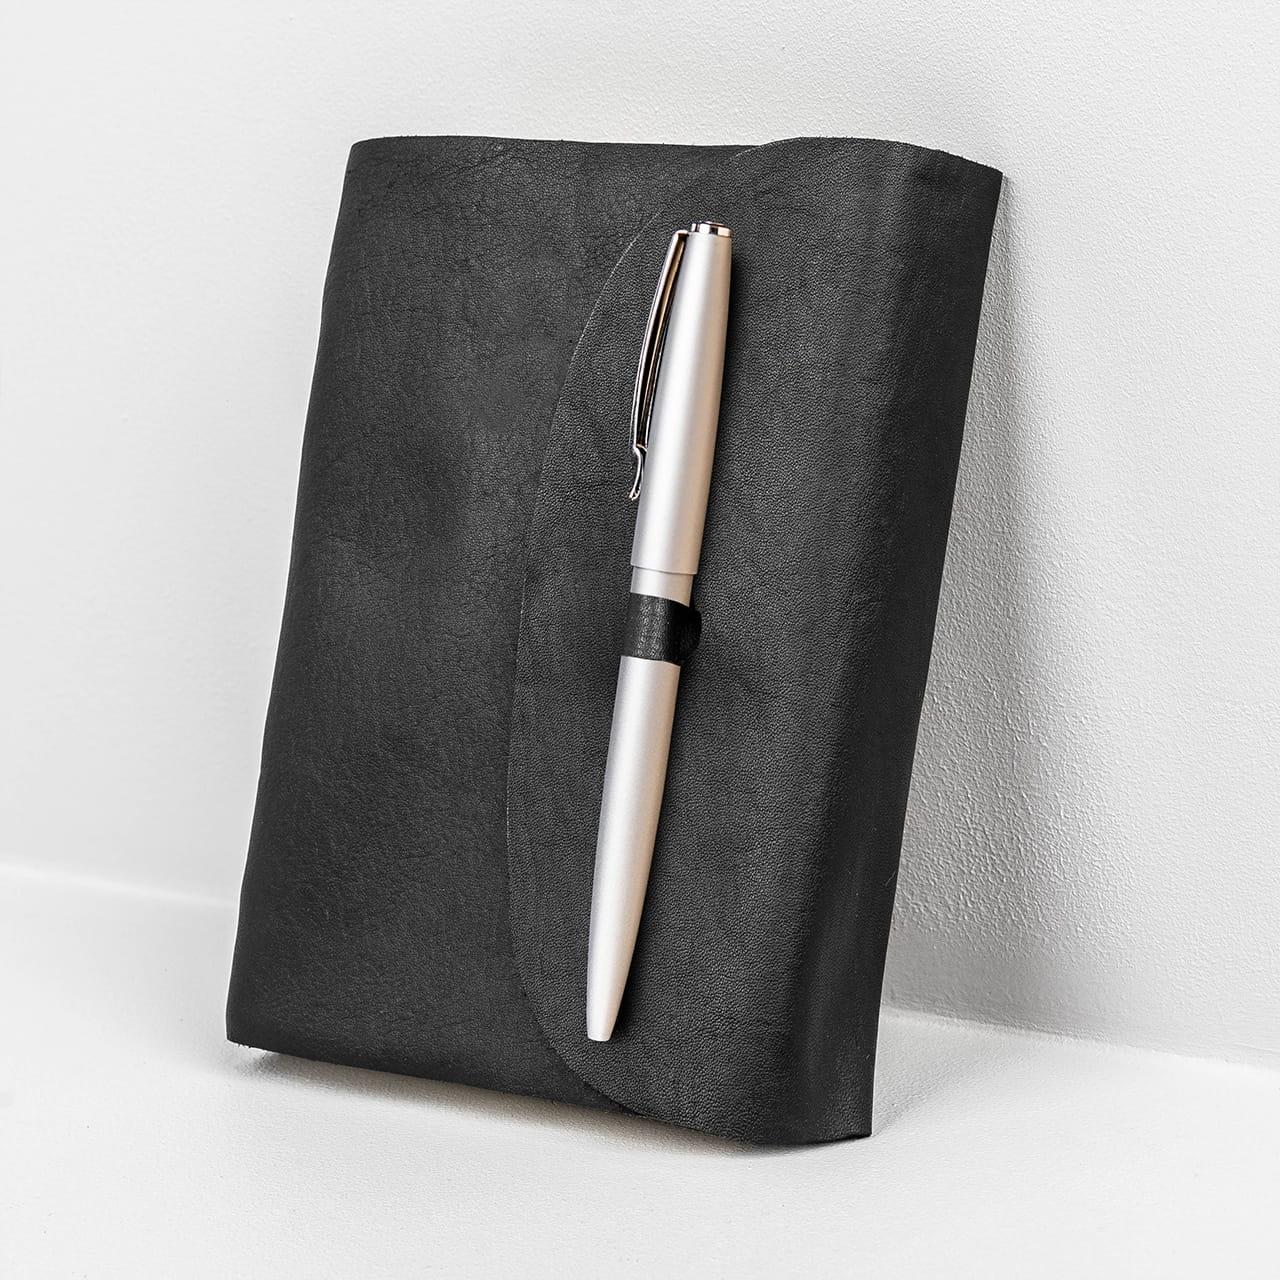 Notatnik skórzany z długopisem ELEGANCKI PREZENT